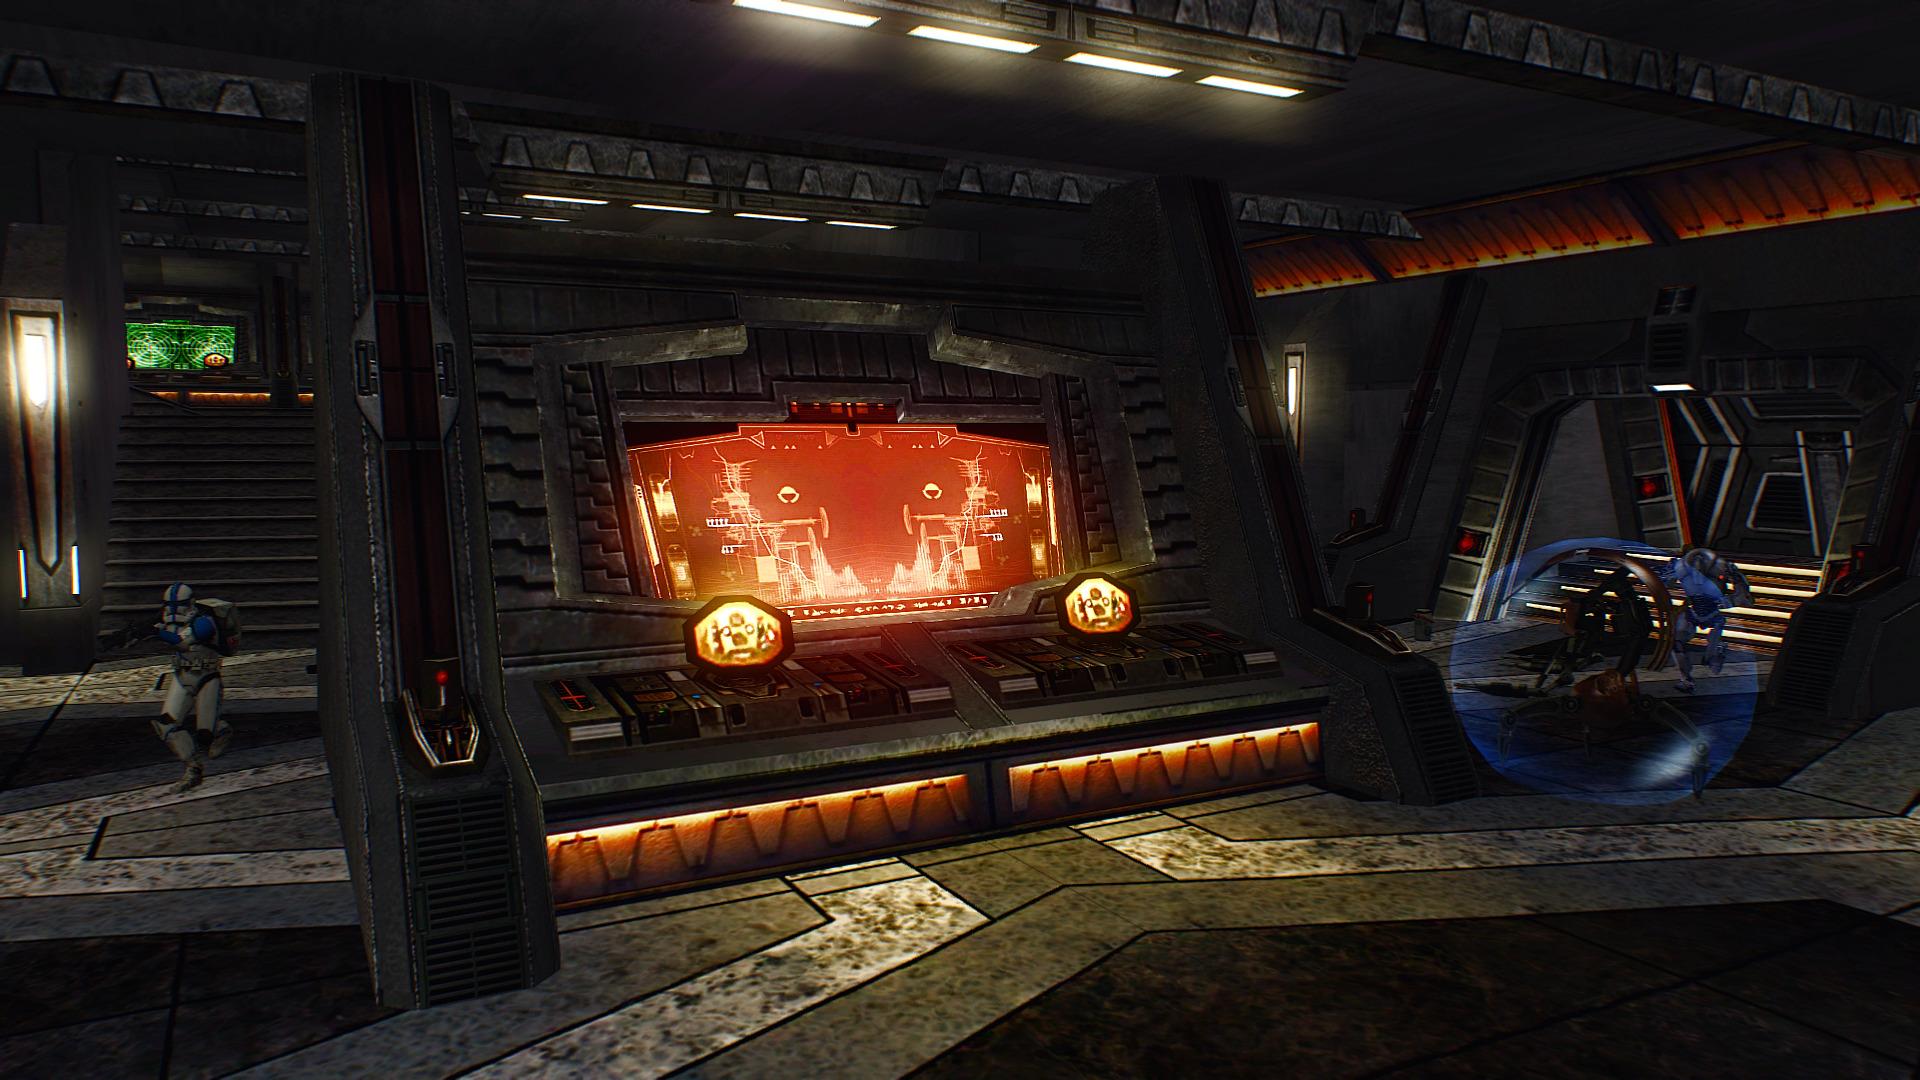 Remaster project by Harrisonfog - Star Wars: Battlefront 2